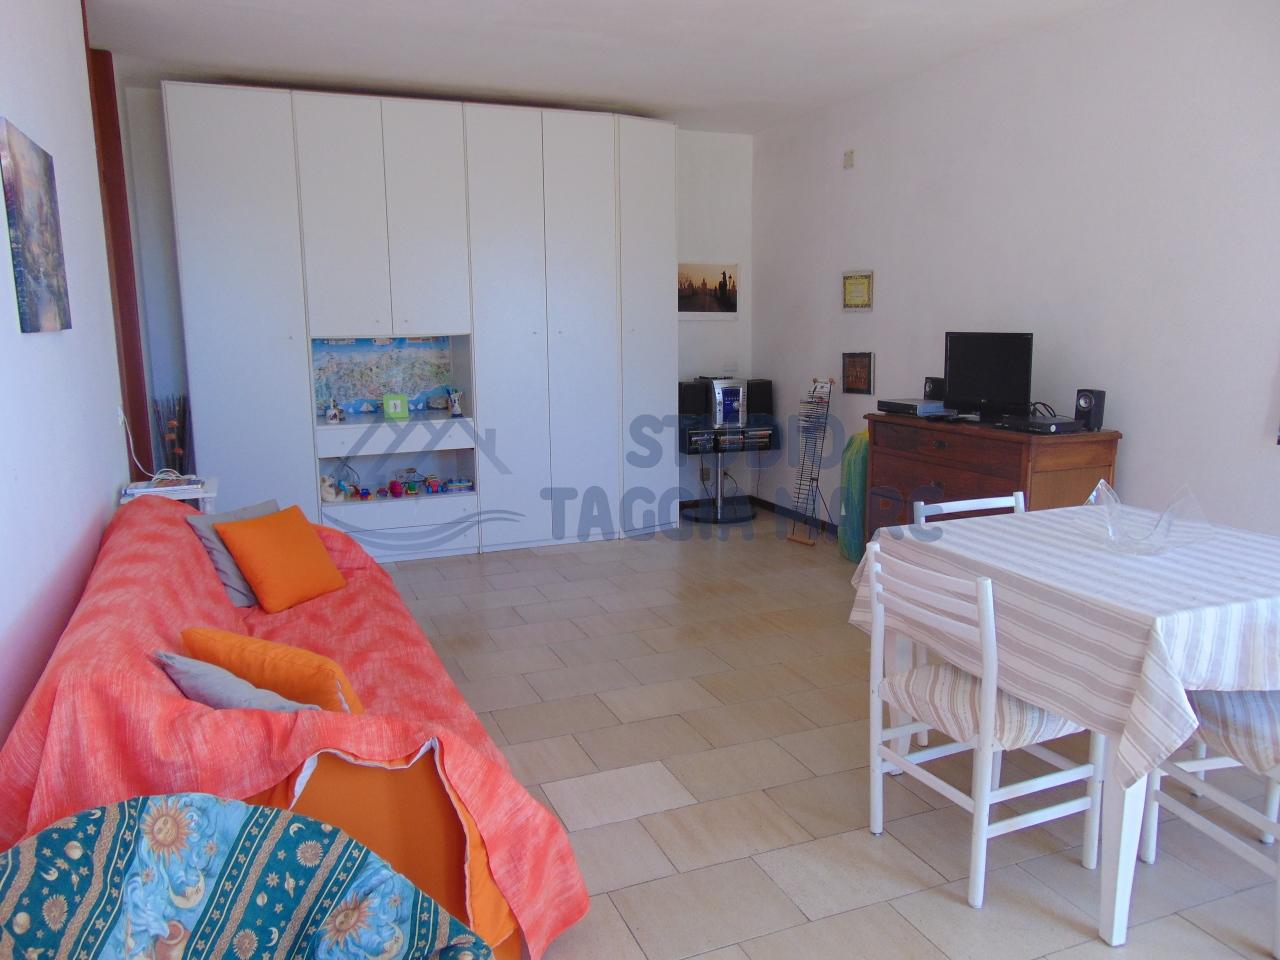 Appartamento in affitto a Santo Stefano al Mare, 2 locali, prezzo € 450 | Cambio Casa.it